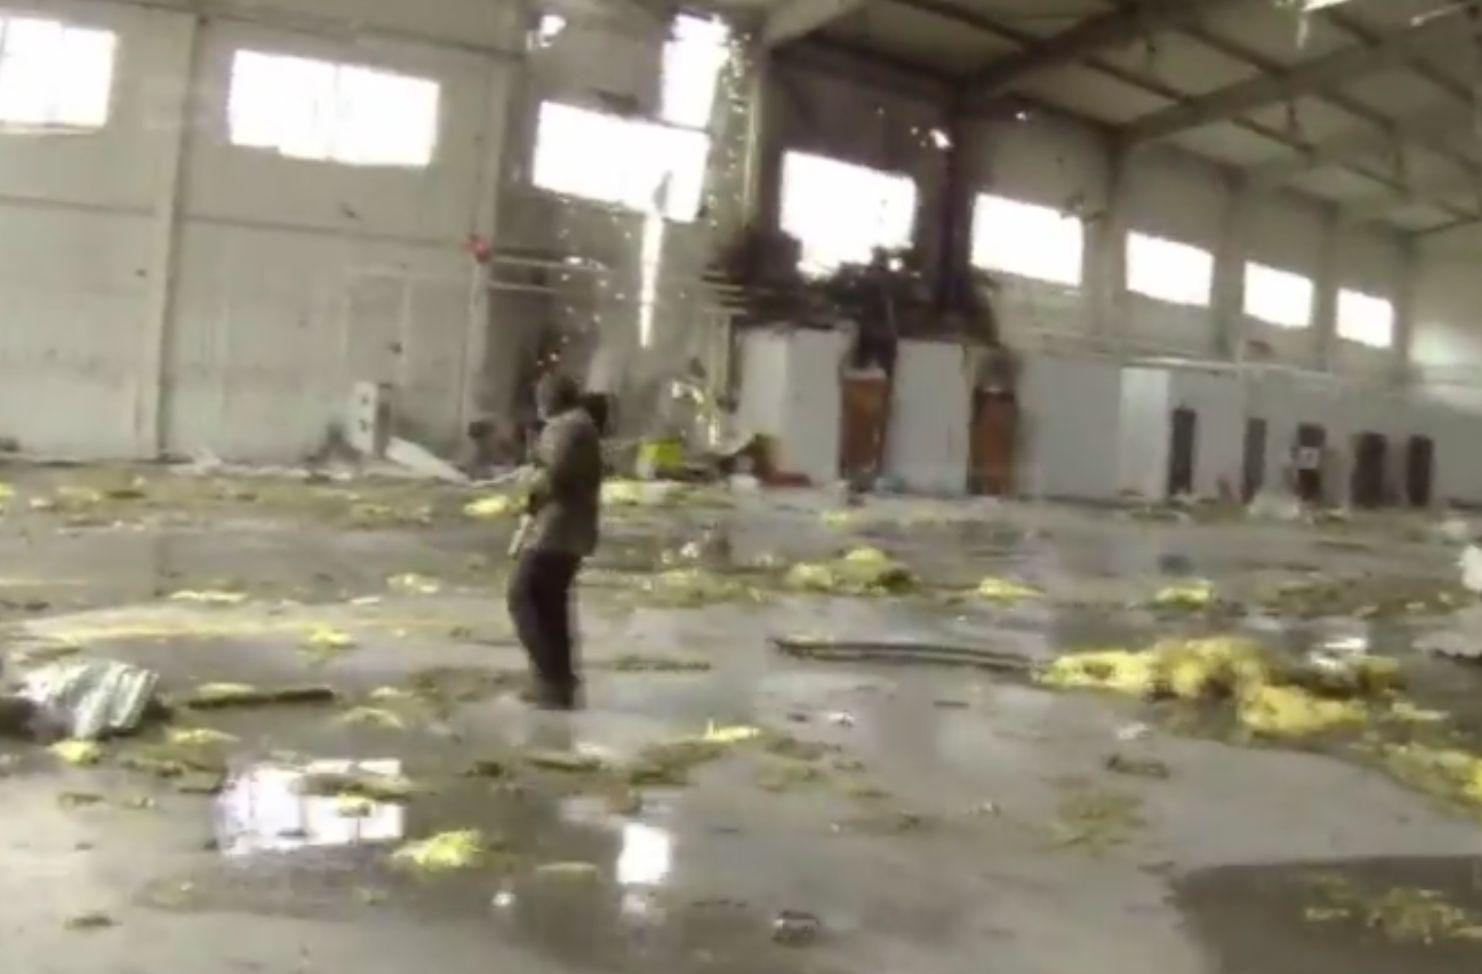 Российские боевики жалуются на огромные потери при штурме аэропорта в Донецке. Видео 18+